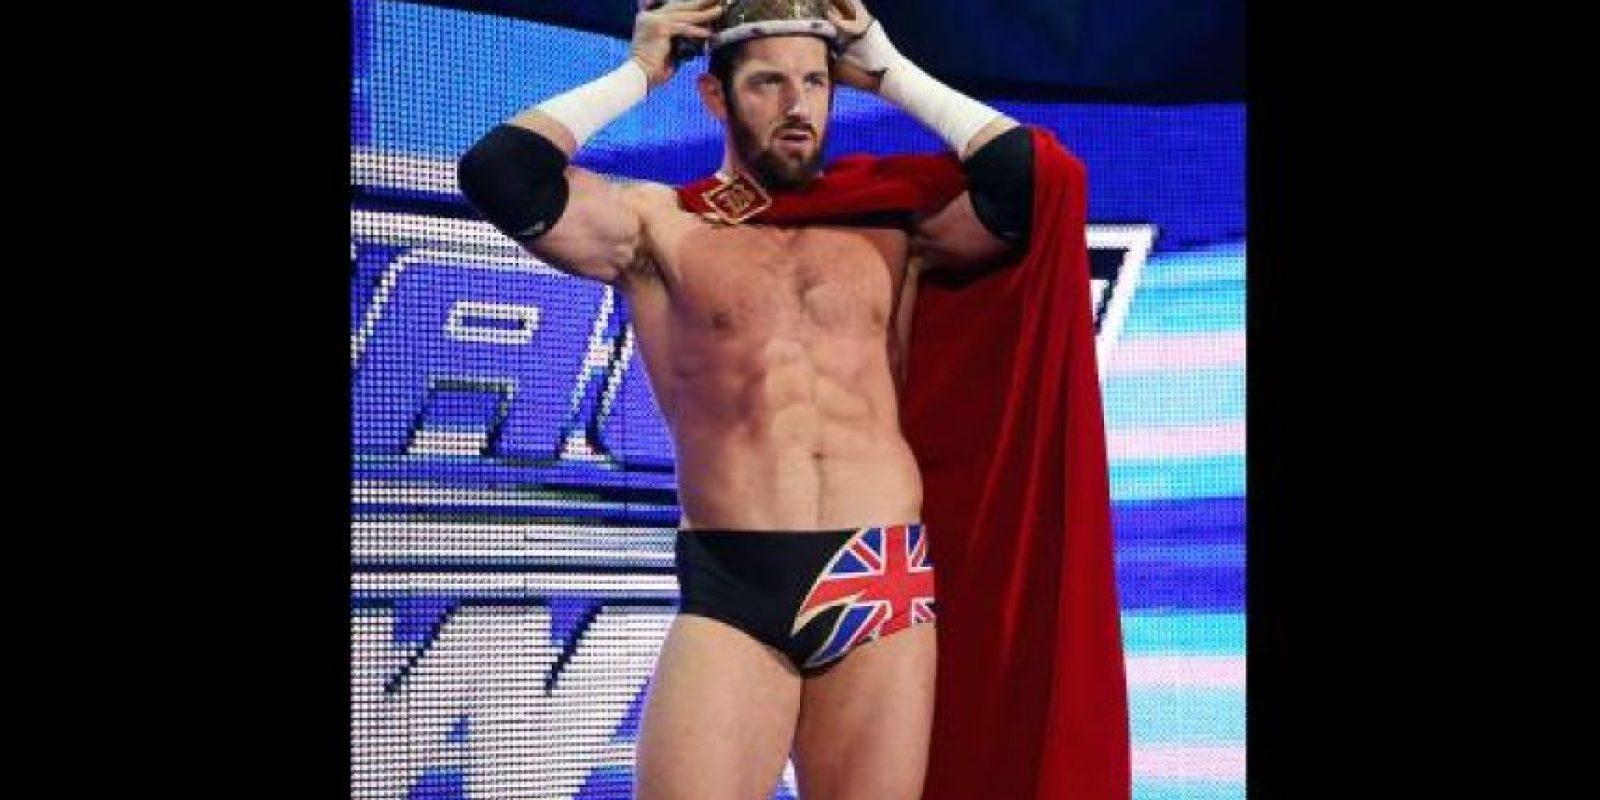 Entre sus logros también está el ser el ganador de la primera temporada de NXT. Foto:WWE